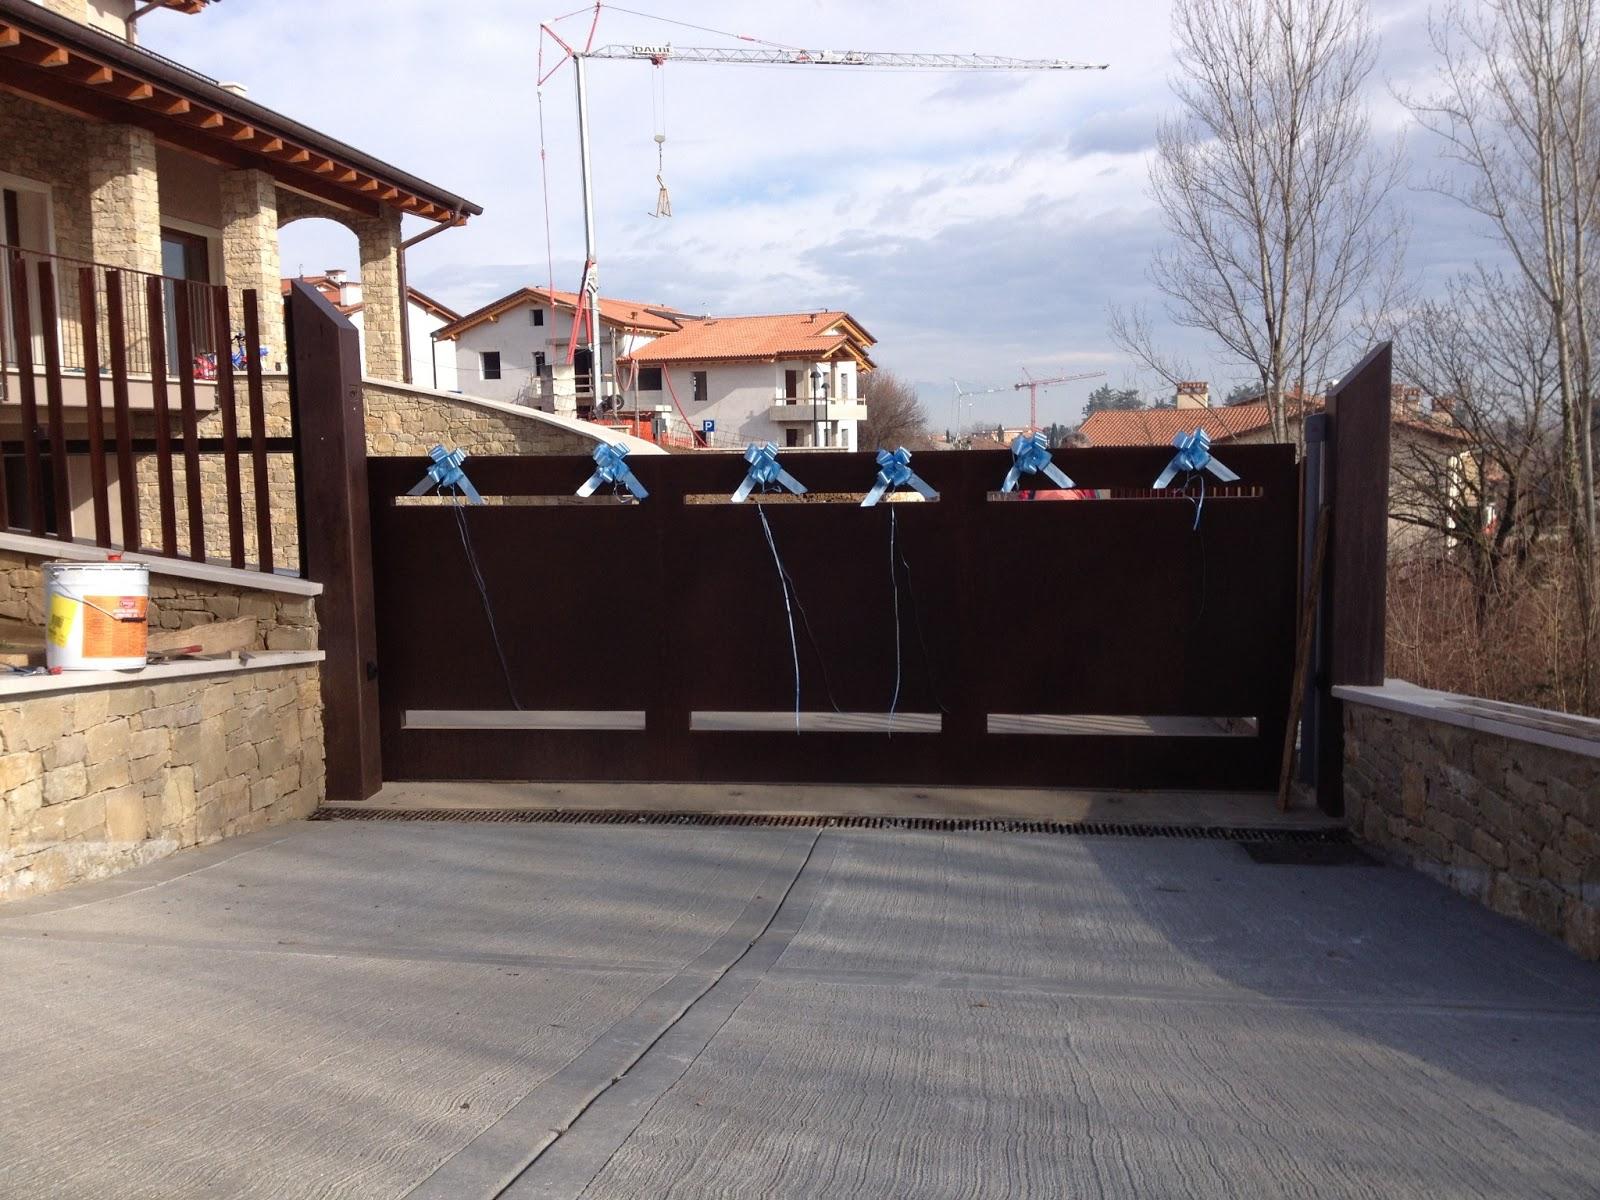 Cancelli moderni cancelli da esterno cancelli moderni for Cancello scorrevole leroy merlin